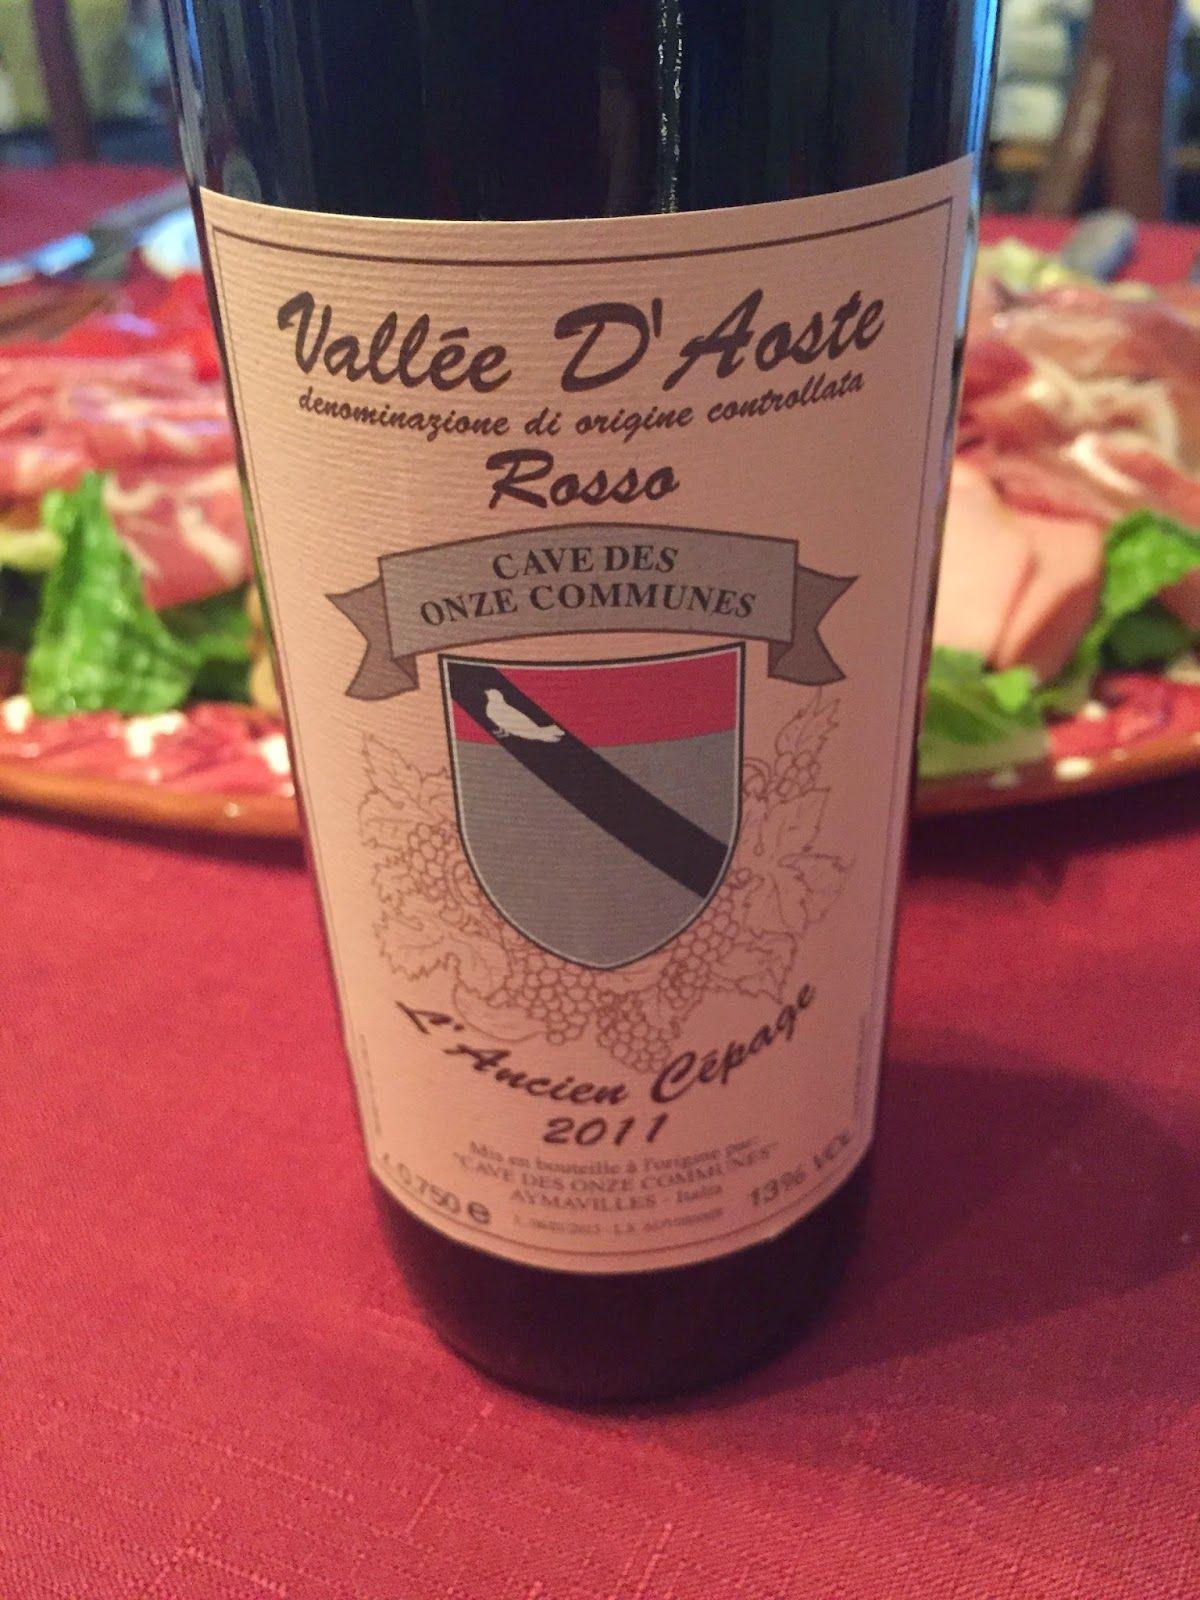 Unique Grapes Of Italy S Alpine Valle D Aosta Region Italian Wine Italian Culture Aosta